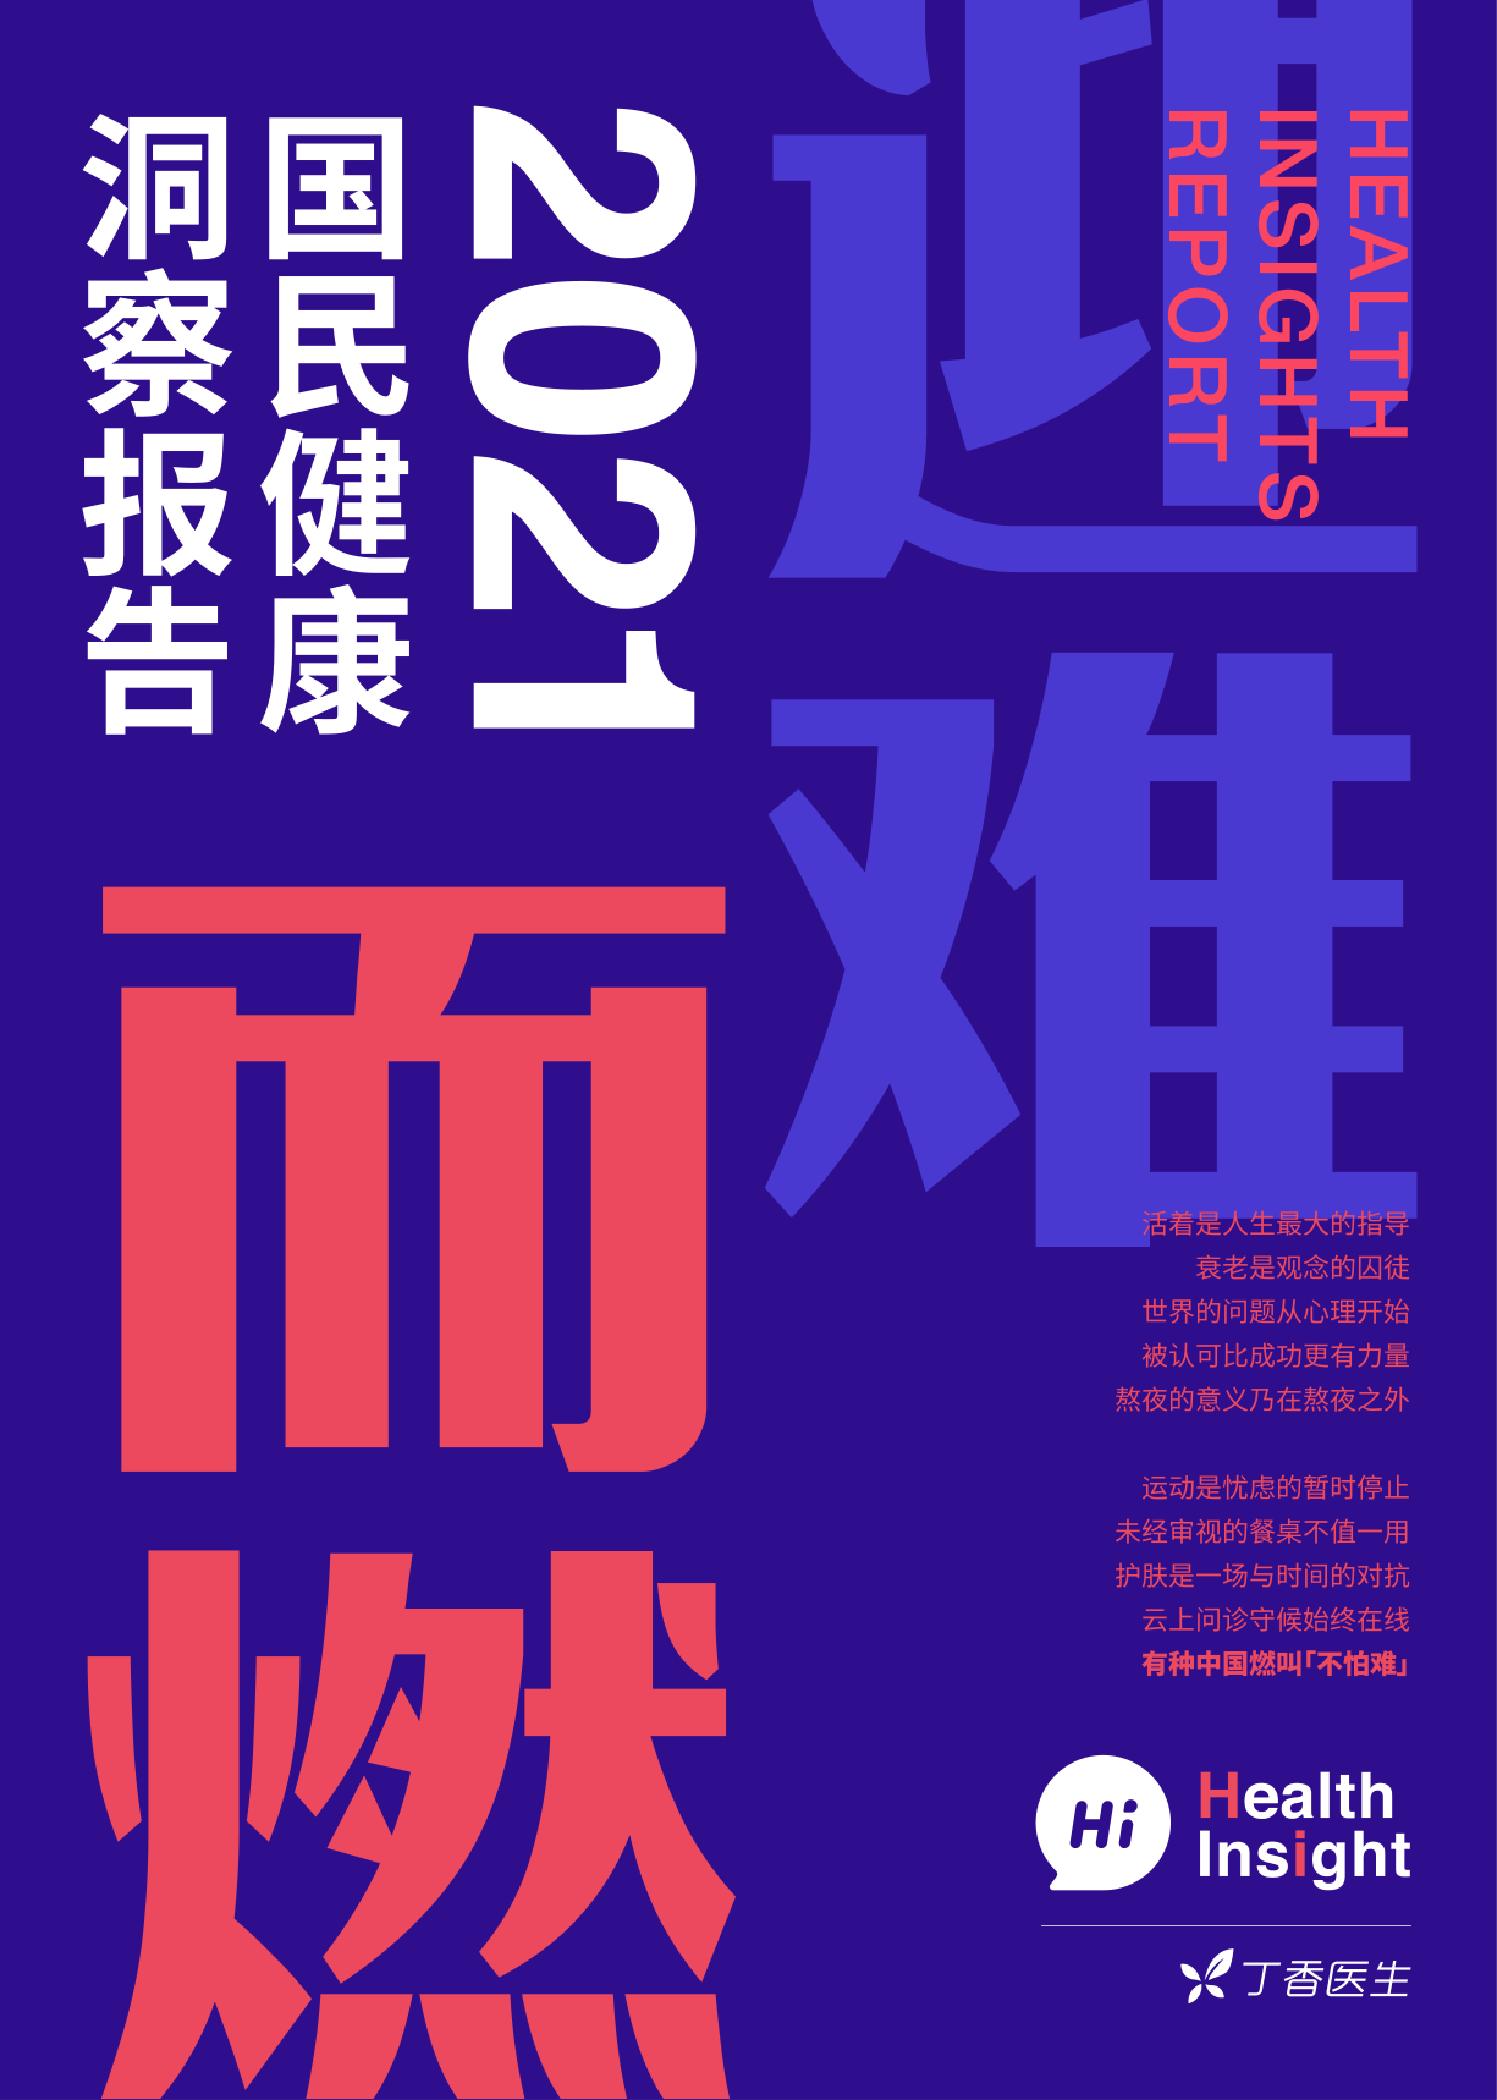 2021年国民健康洞察报告